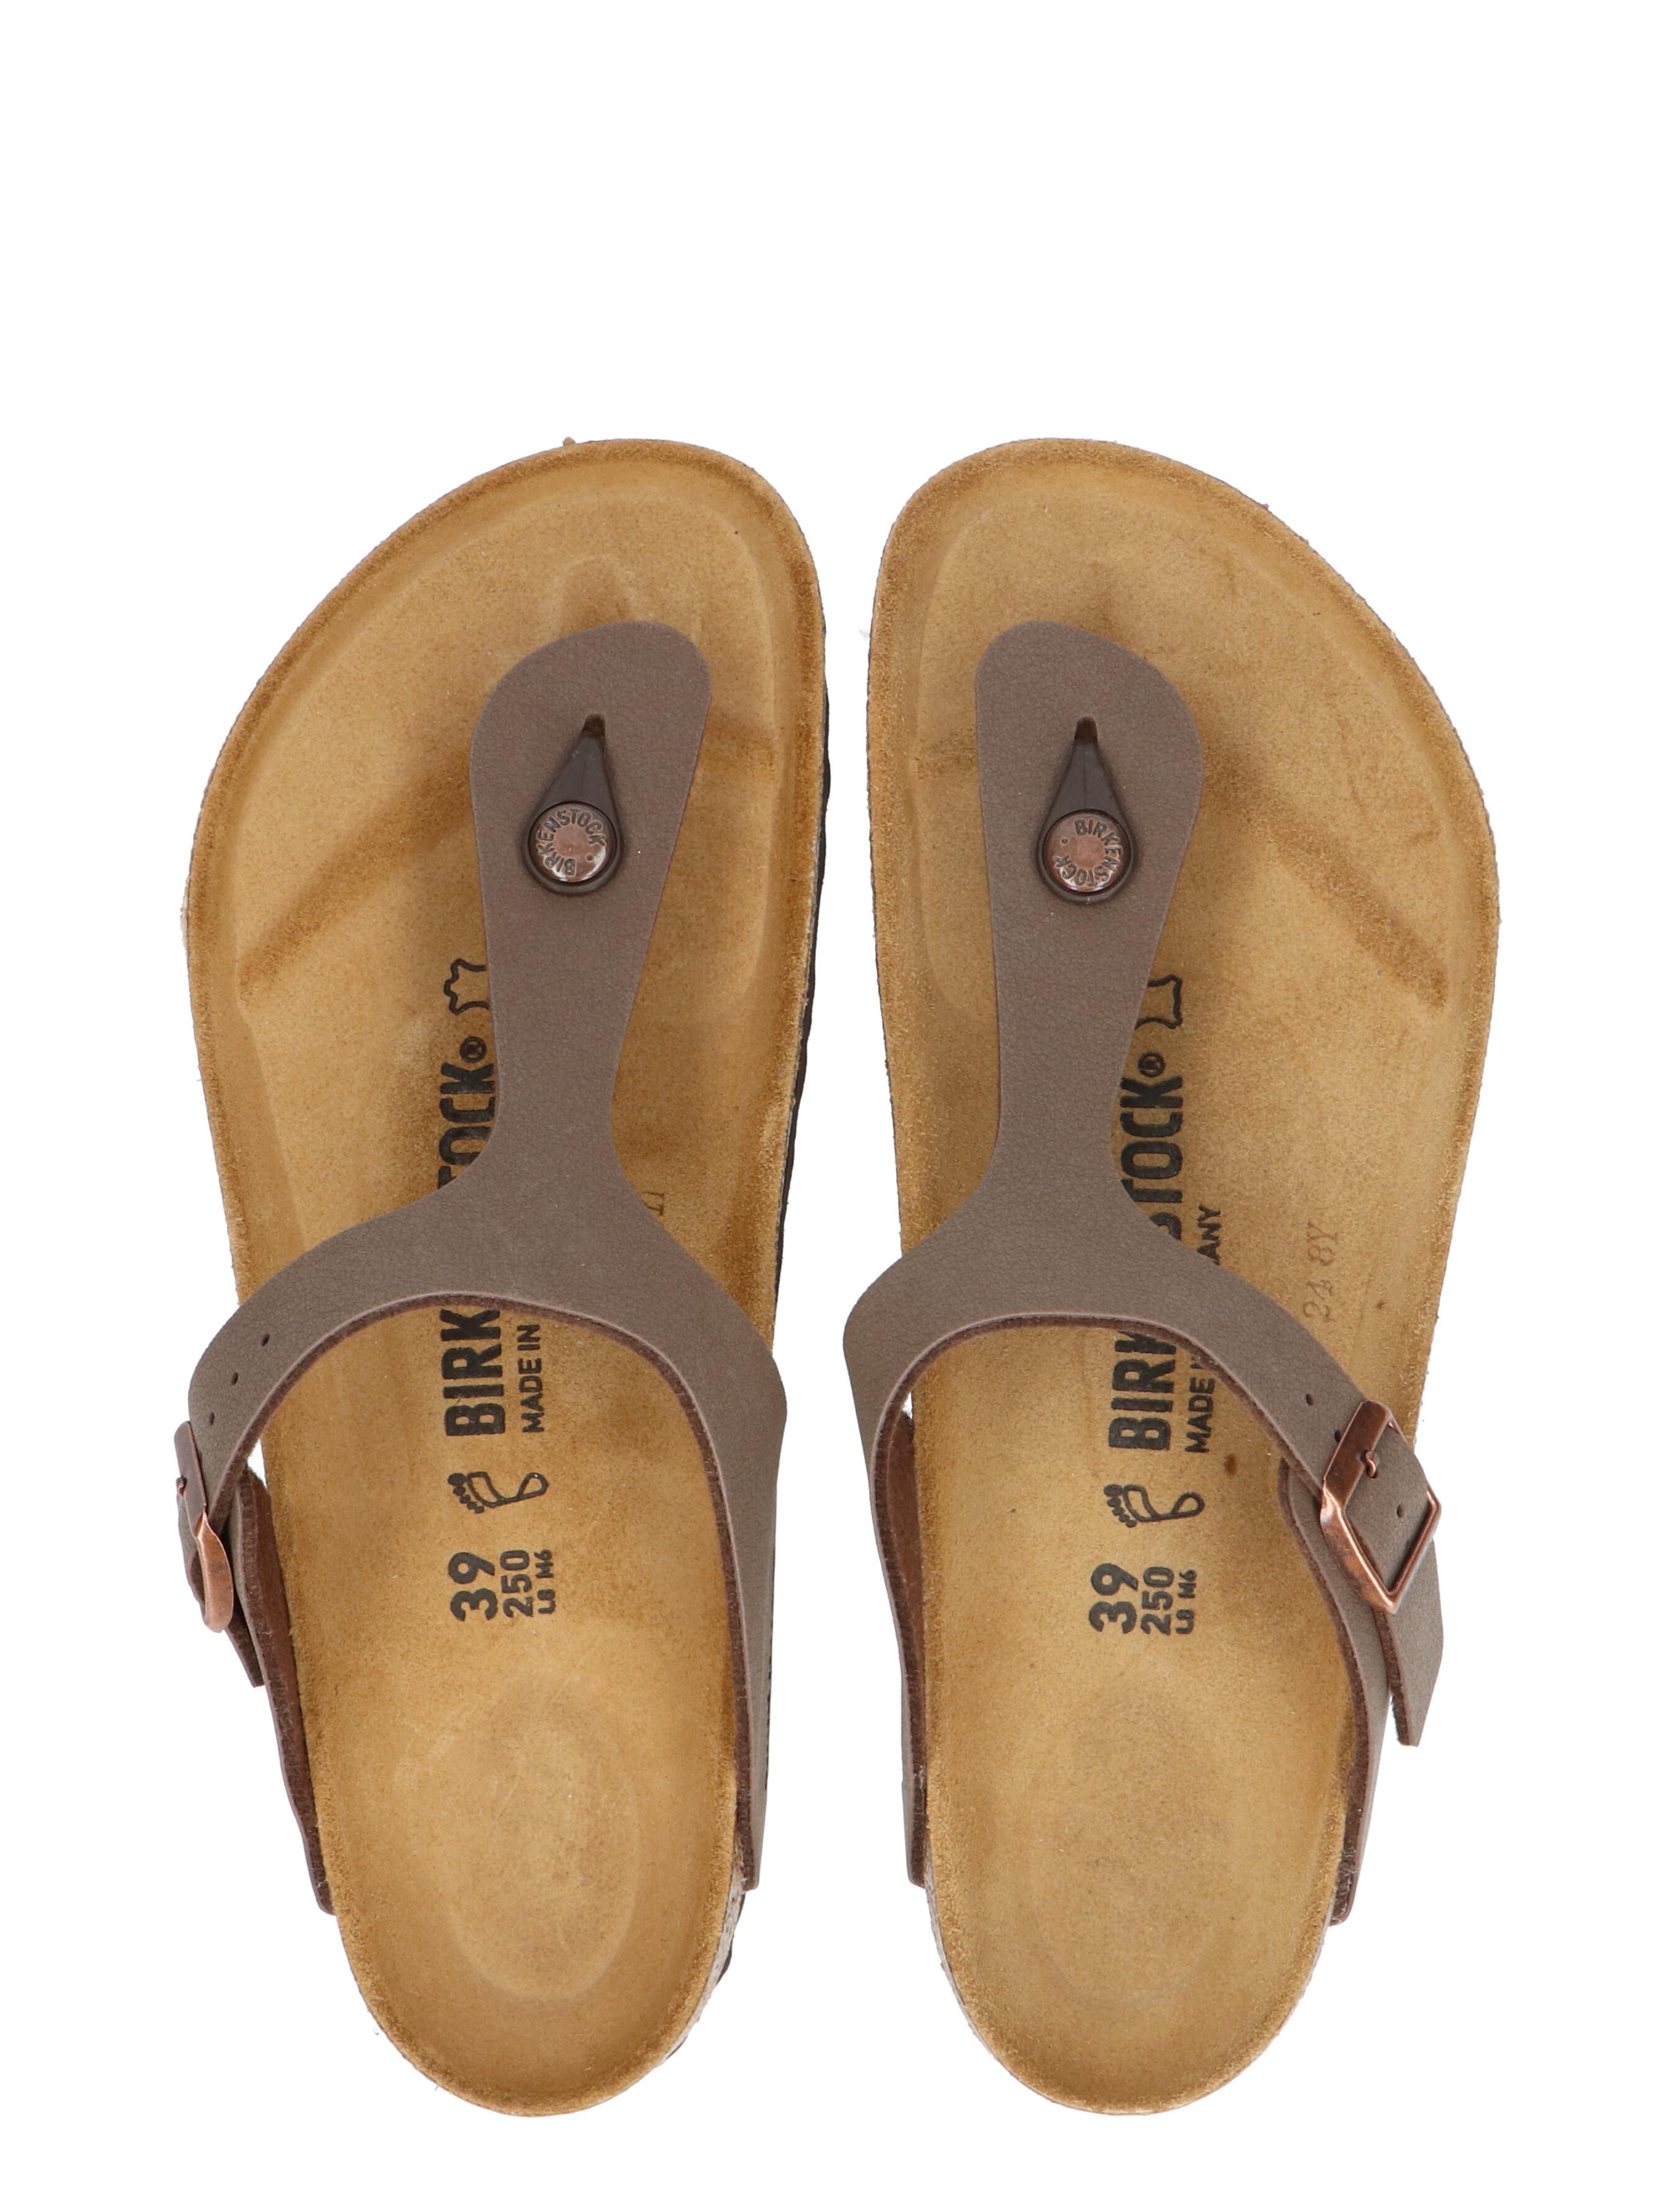 Birkenstock Gizeh Mocca Normaal Slippers